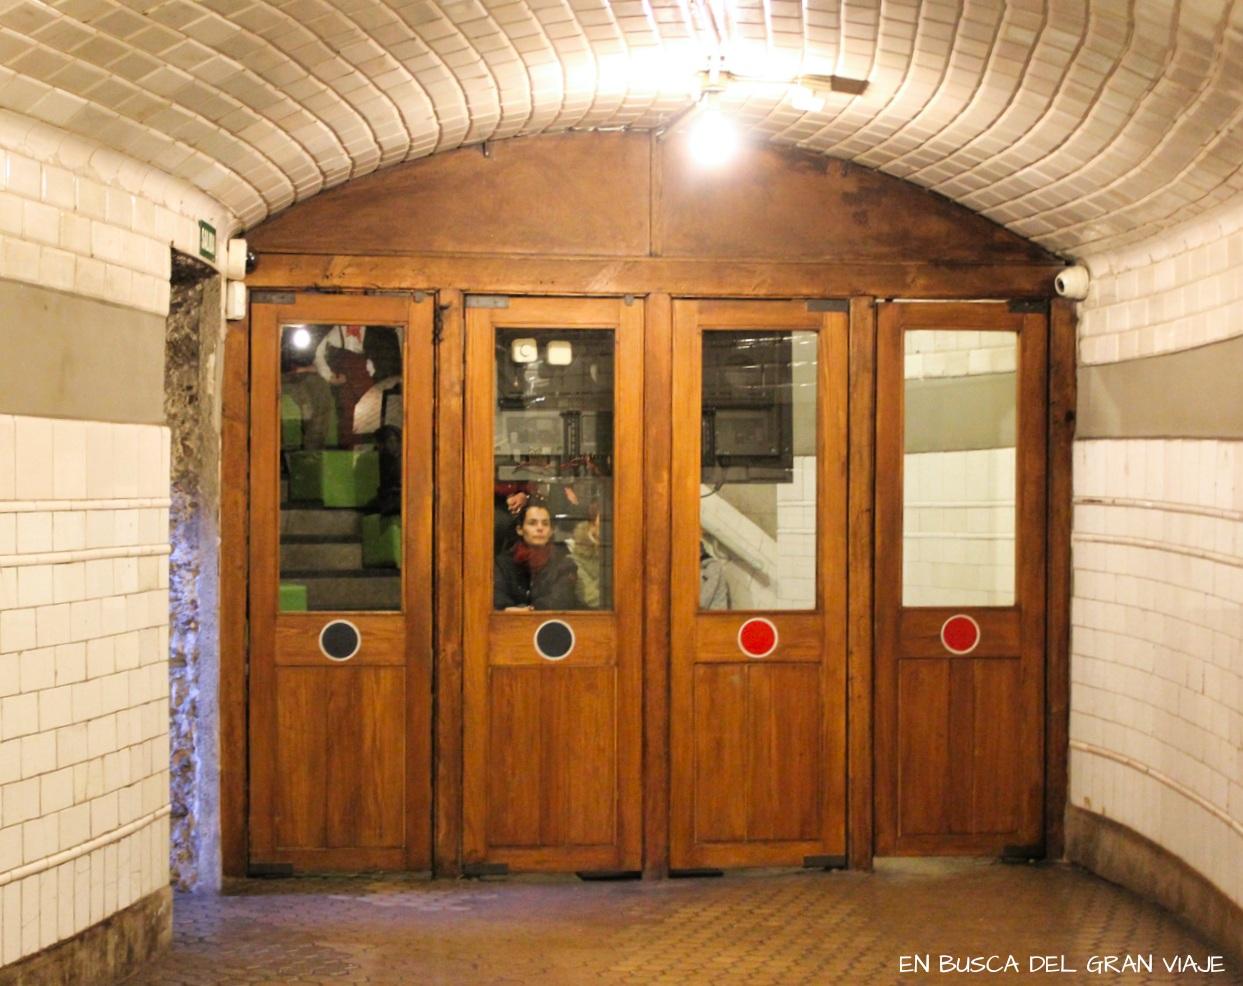 Las puertas originales de acceso al Metro y la sala audiovisual donde emitían la película sobre la h